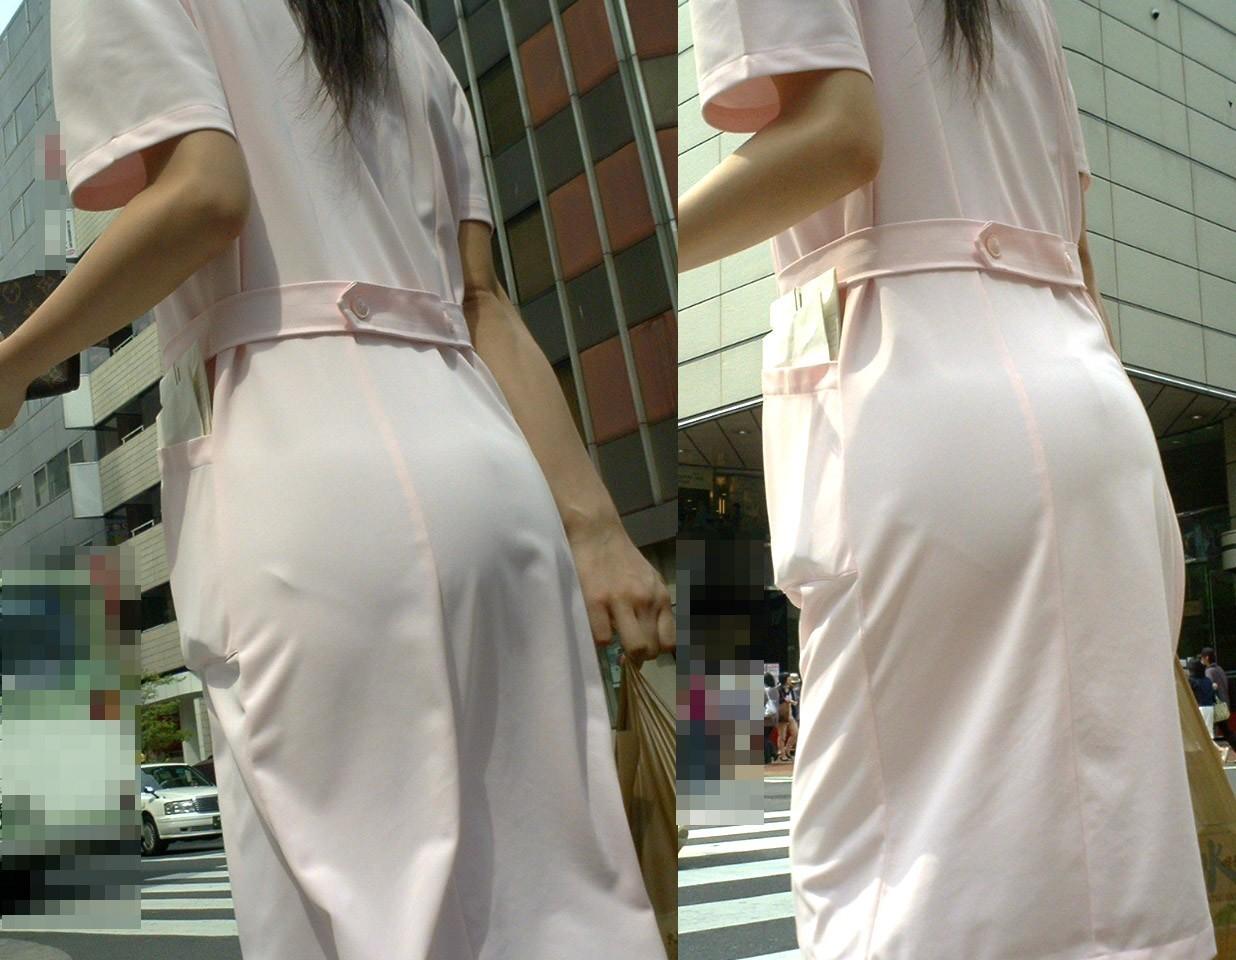 この衣装考えた奴わざとだろって感じの看護師さん達の透け透けパンツ丸見え写真